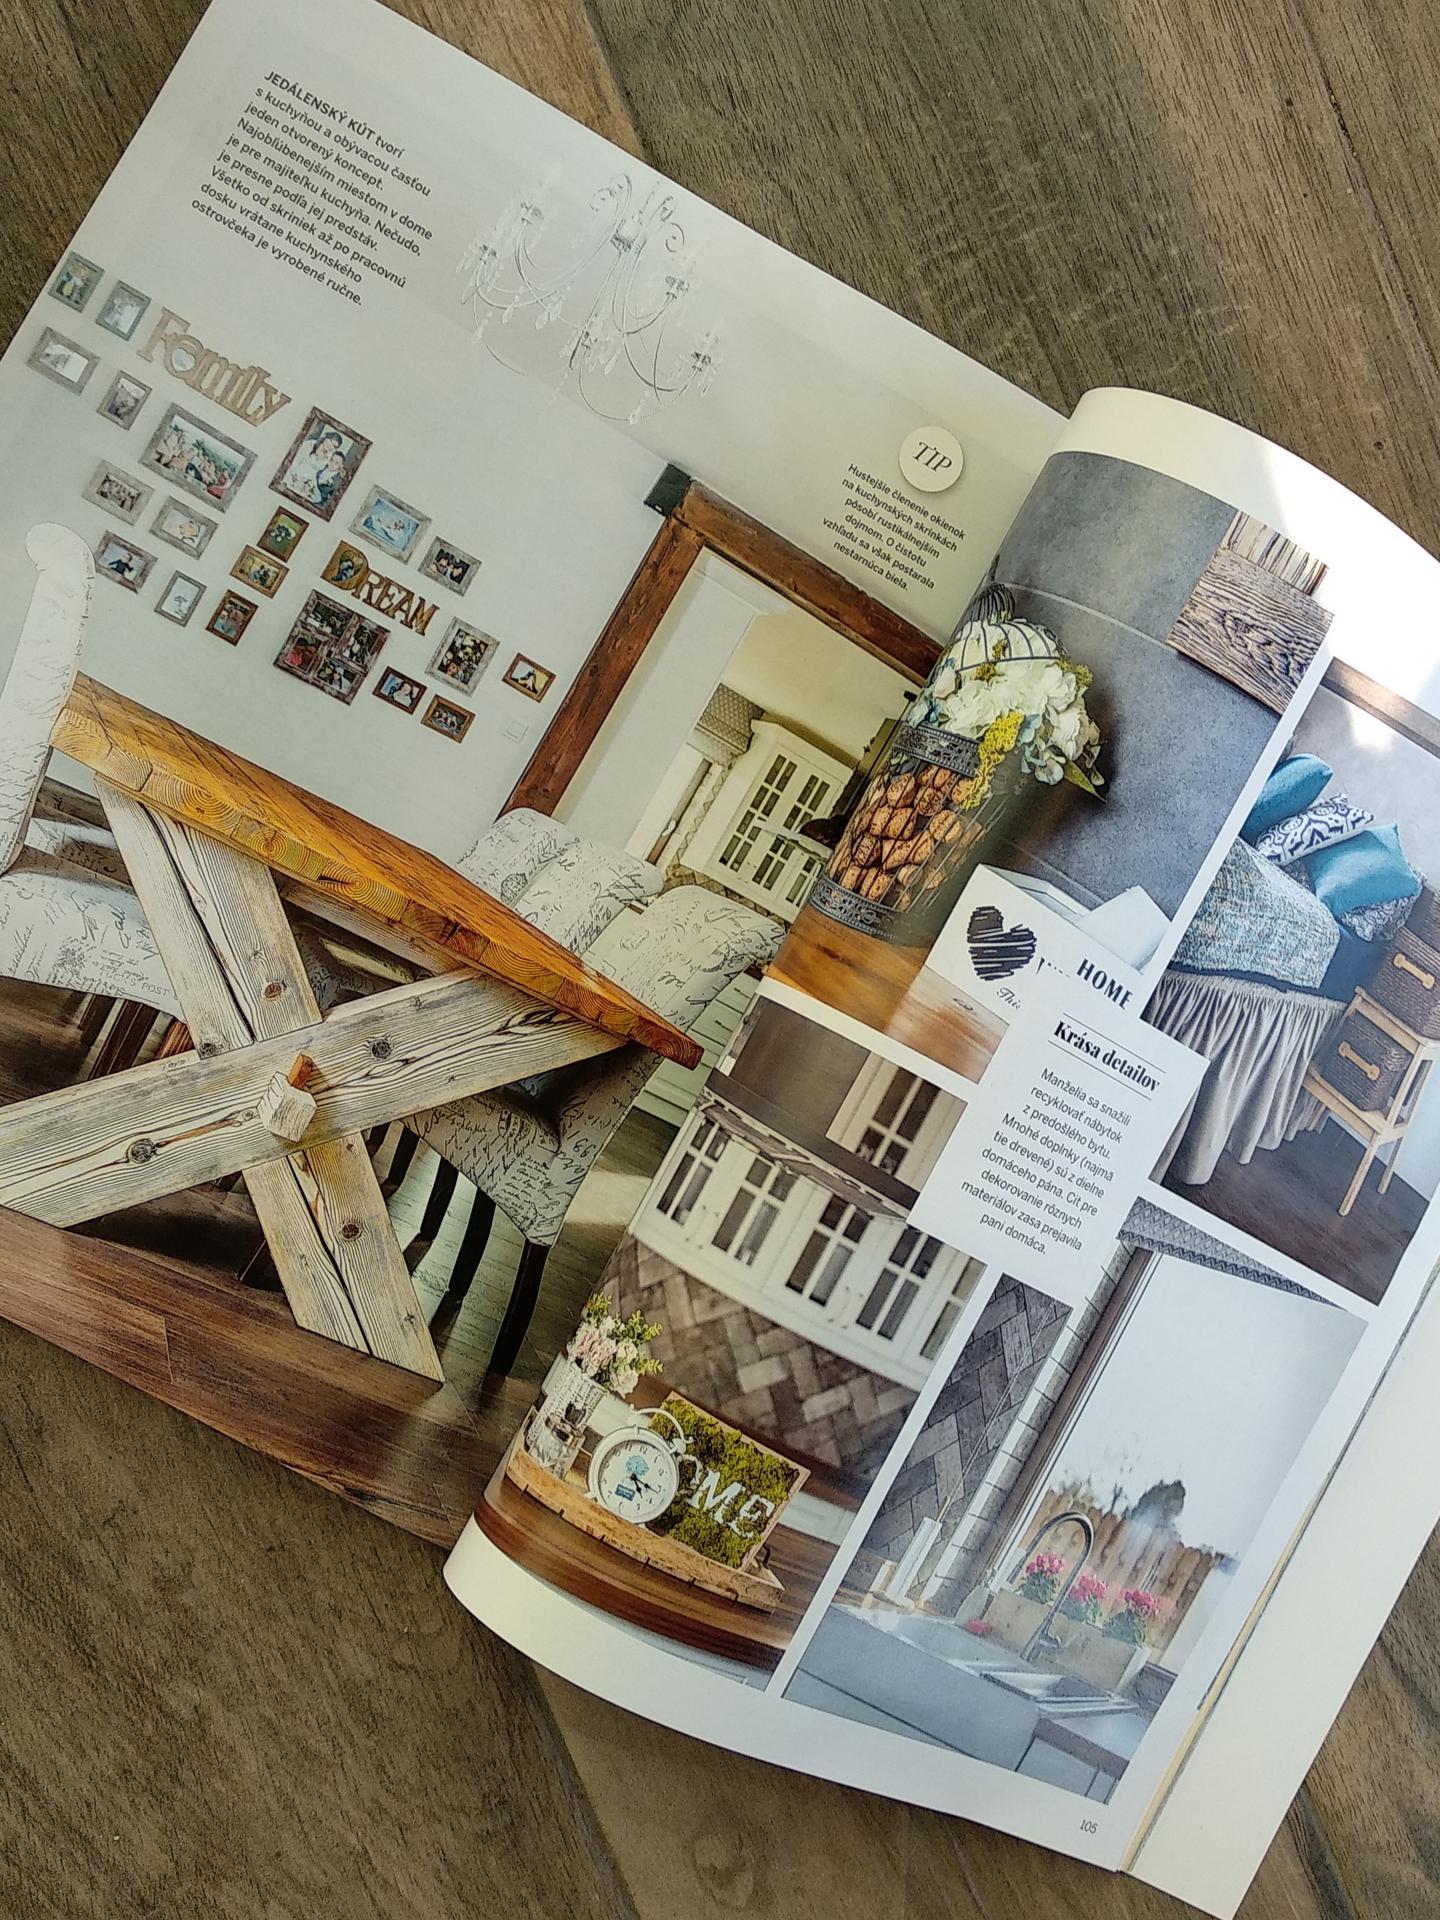 Náš dom v časopise Pekne bývanie 😊😊😊 - Obrázok č. 1